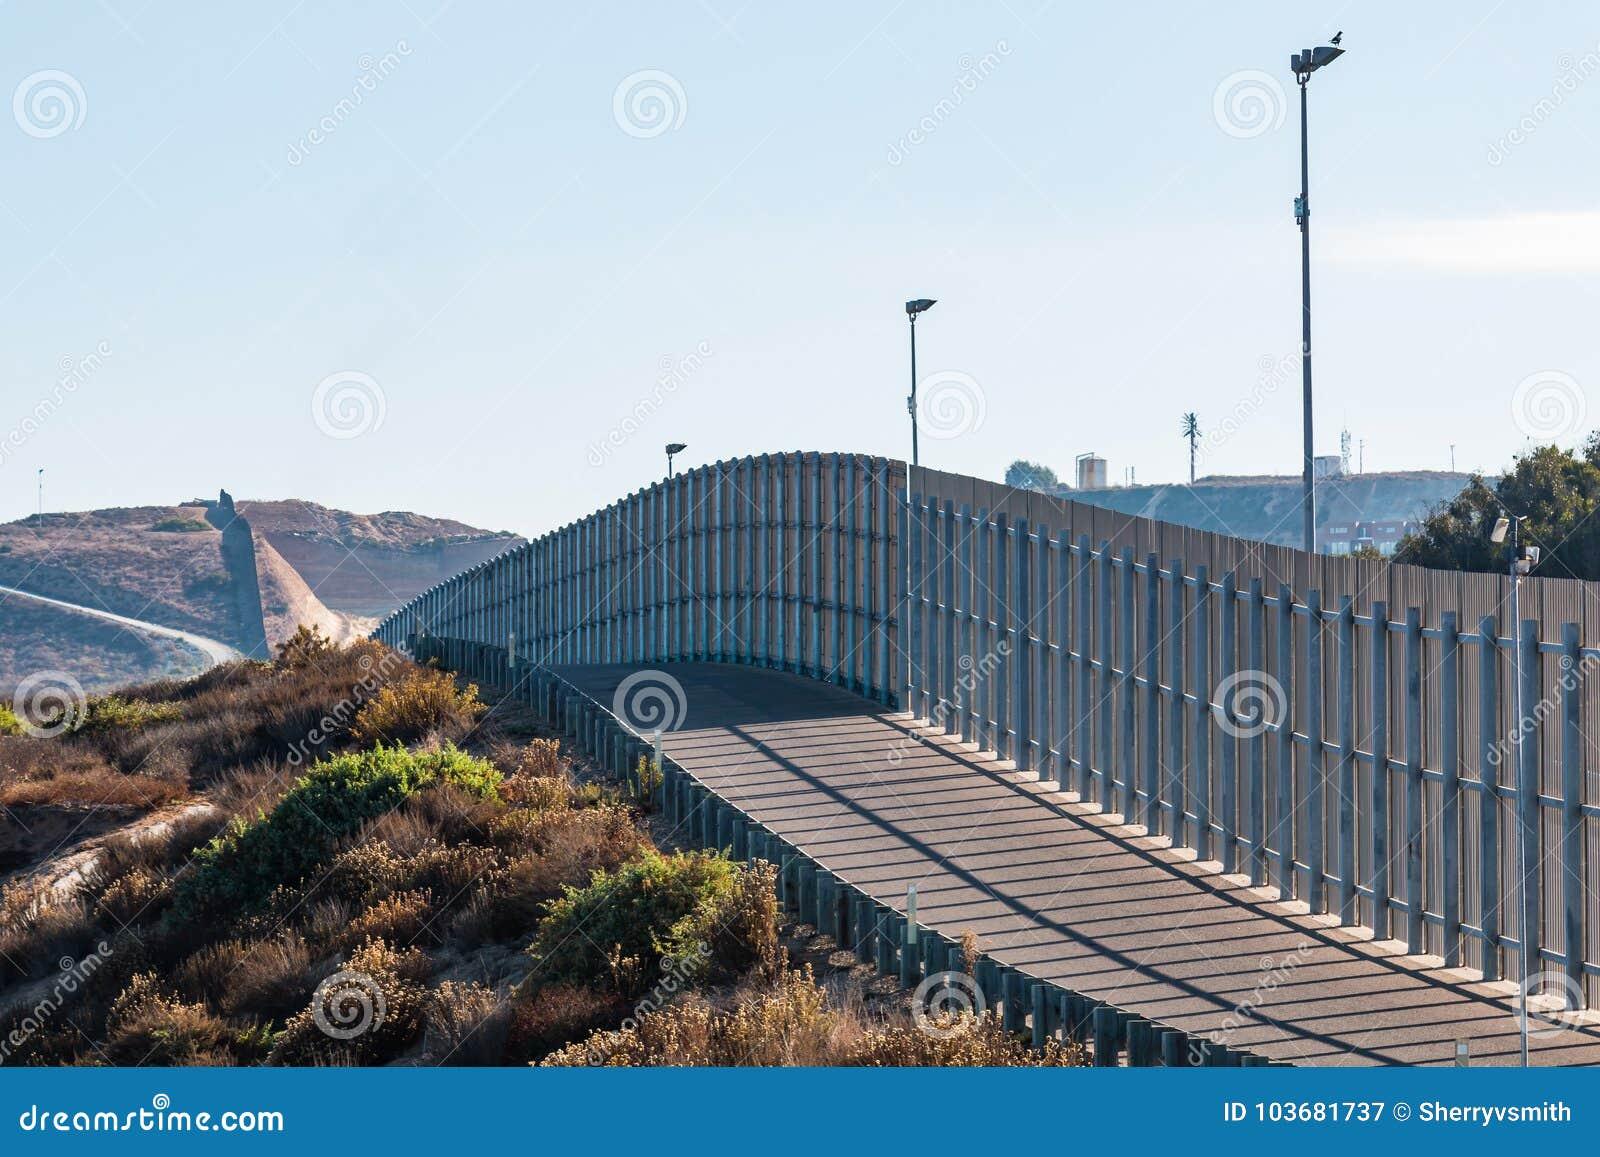 Sectie van Internationale Grensmuur tussen San Diego/Tijuana